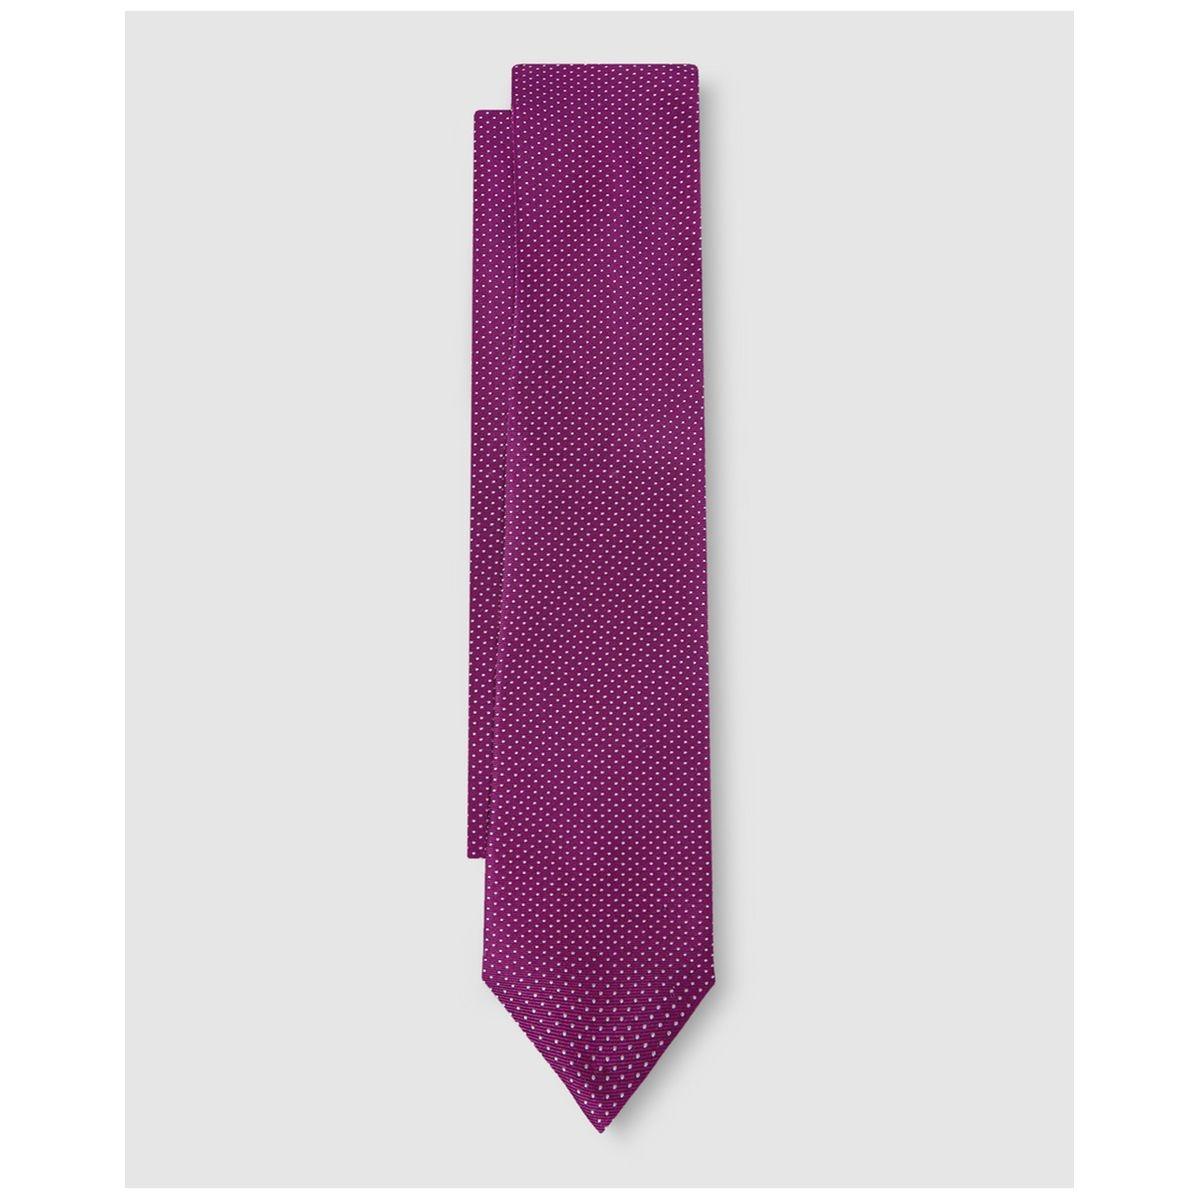 Cravate en soie magenta microimprimé pois /